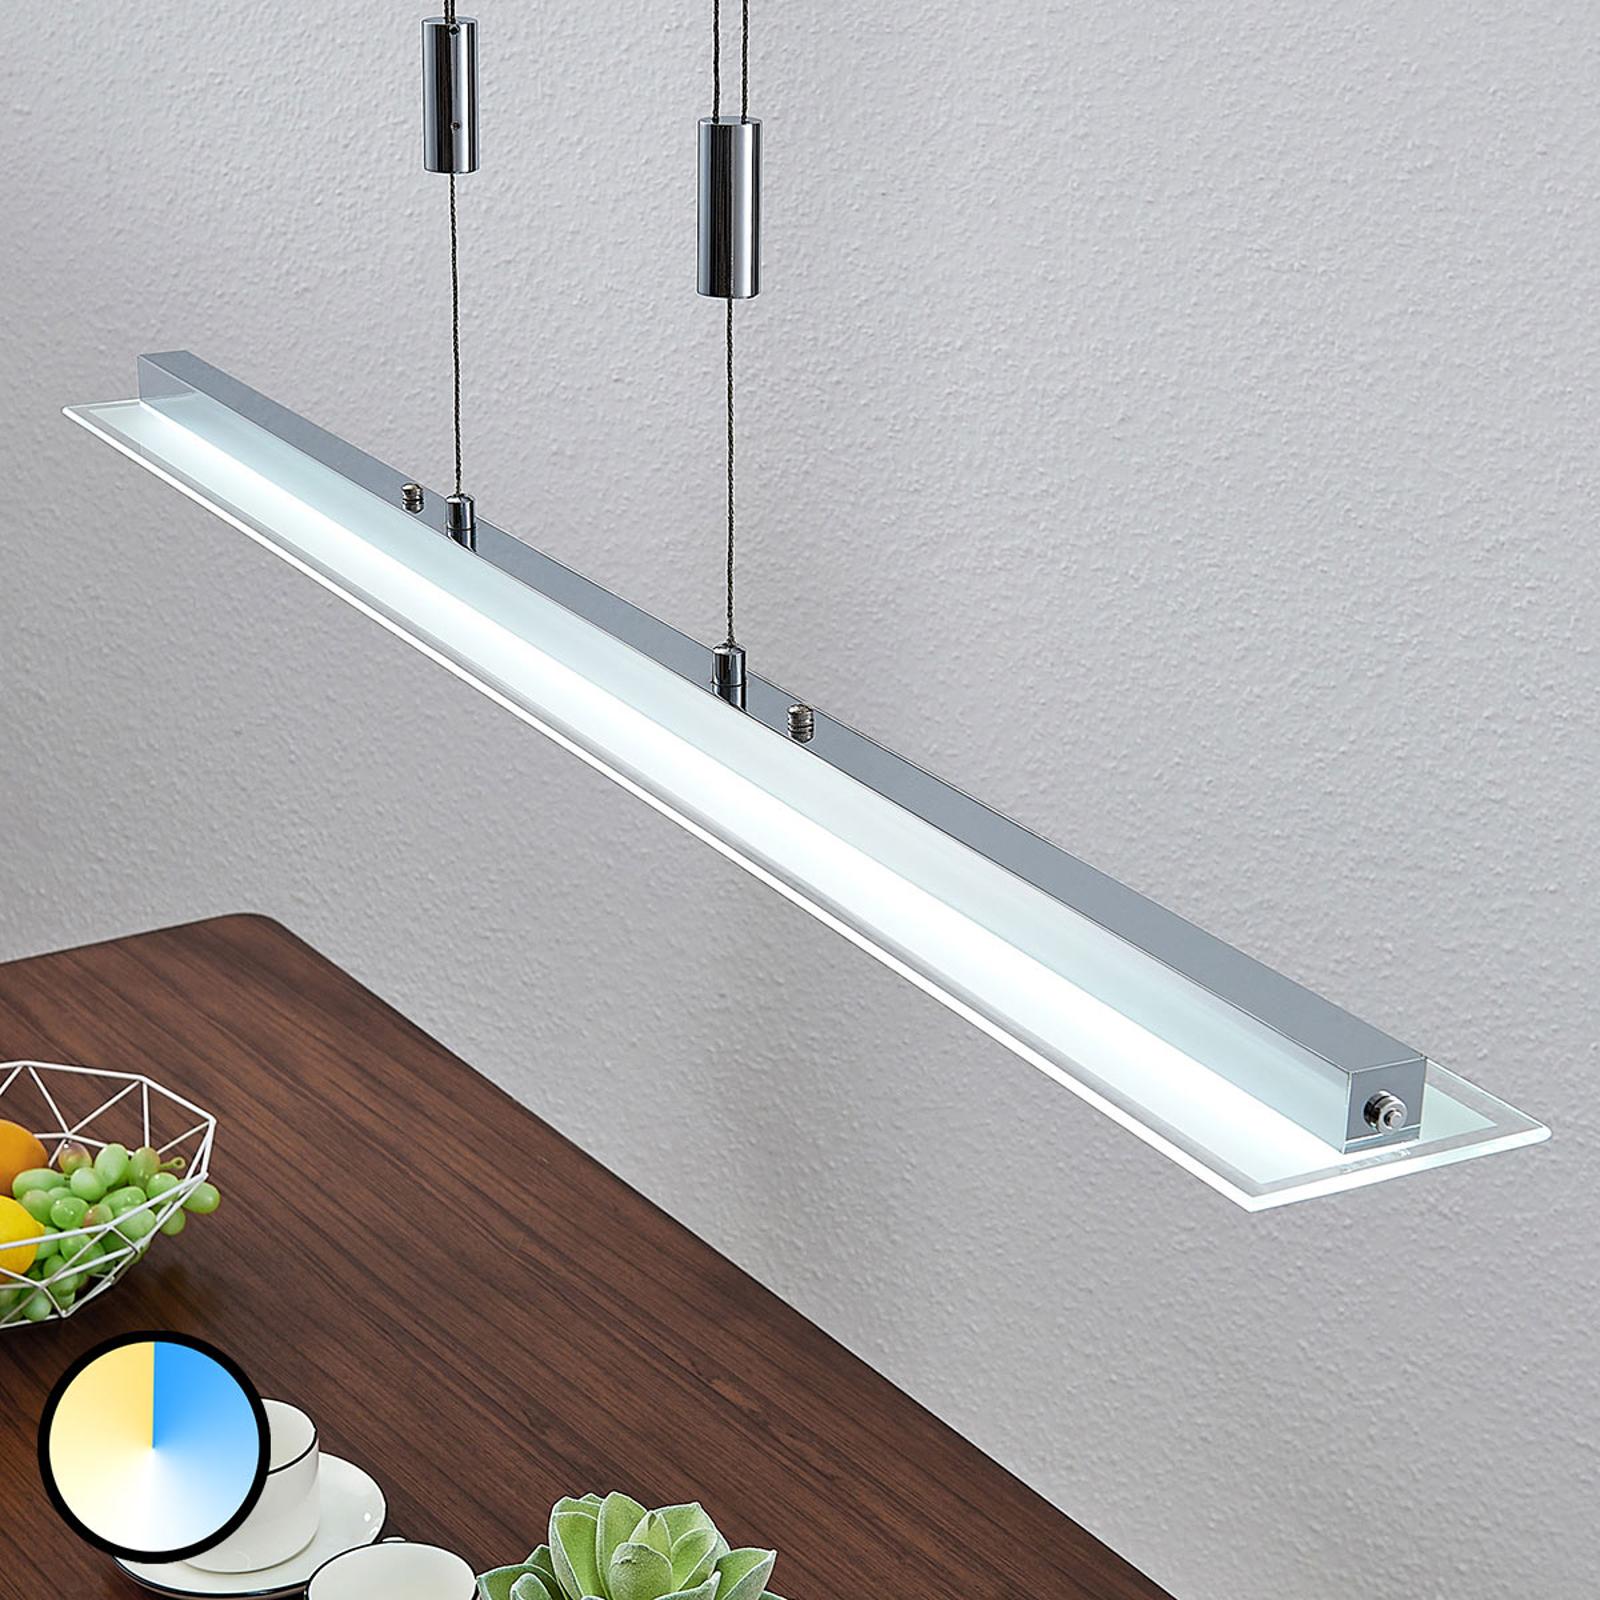 LED-pendellampe, bjelkeform, Sladja, touchsdimmer